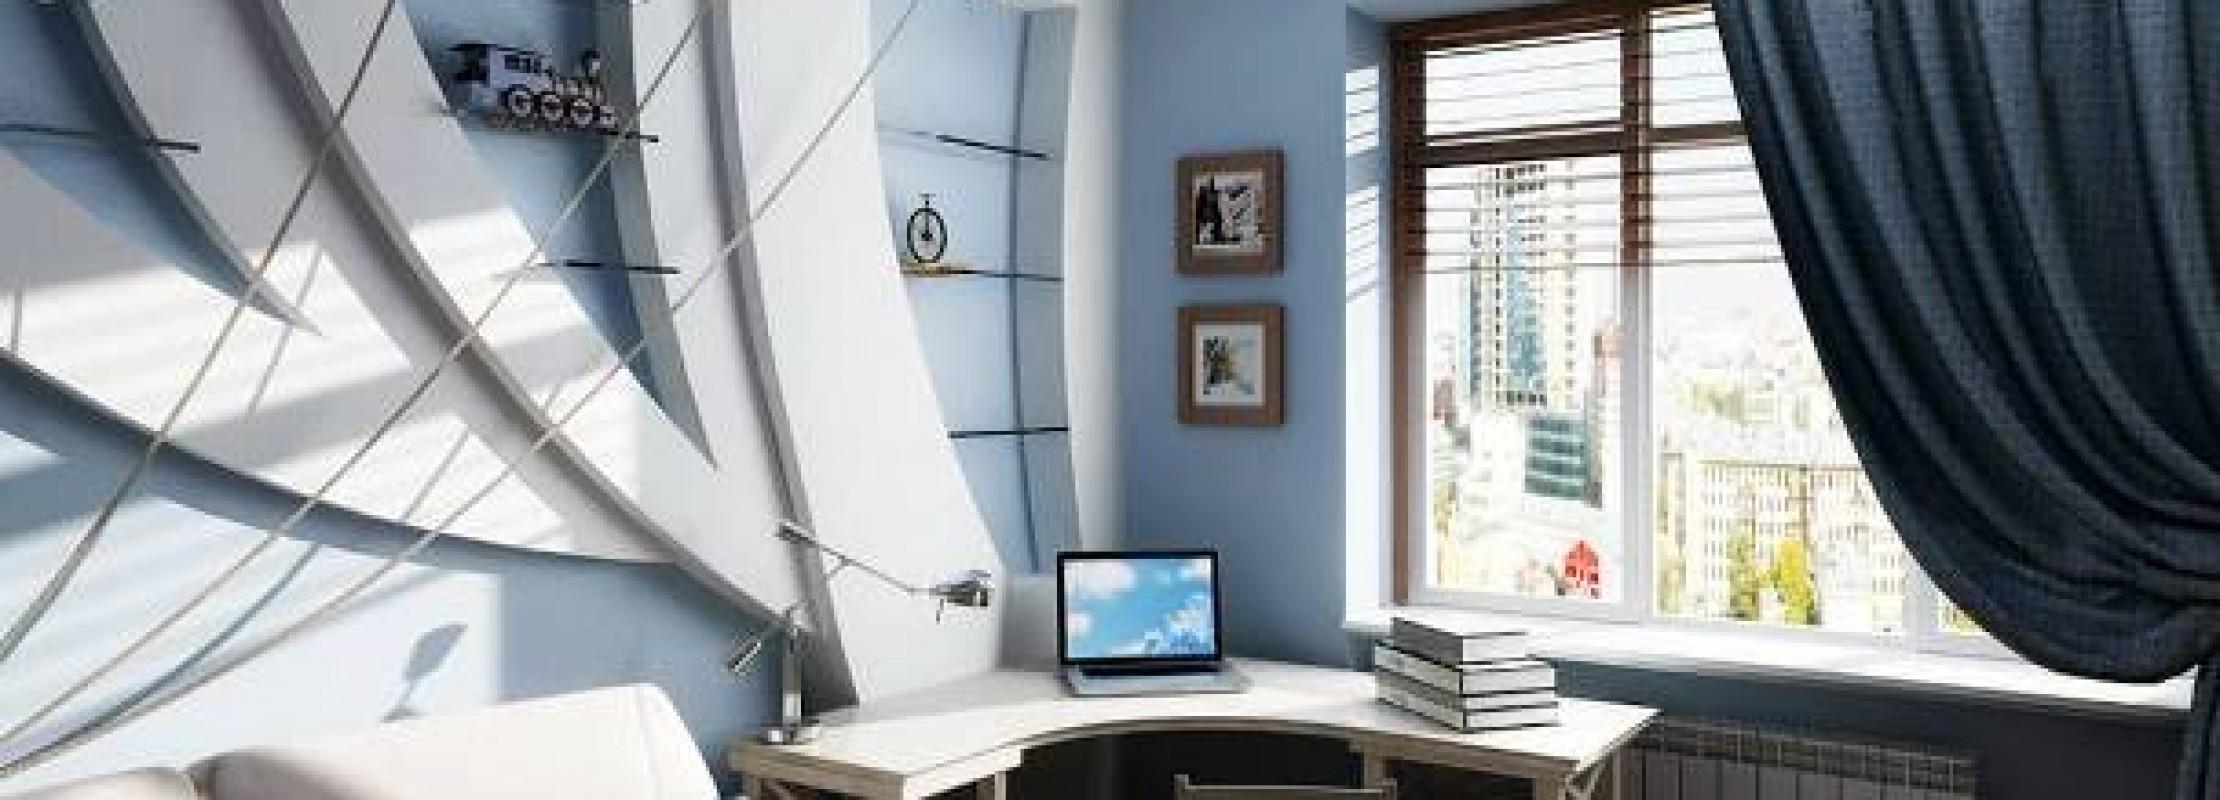 Arredamento in stile marino: idee e consigli | Blog Edilnet